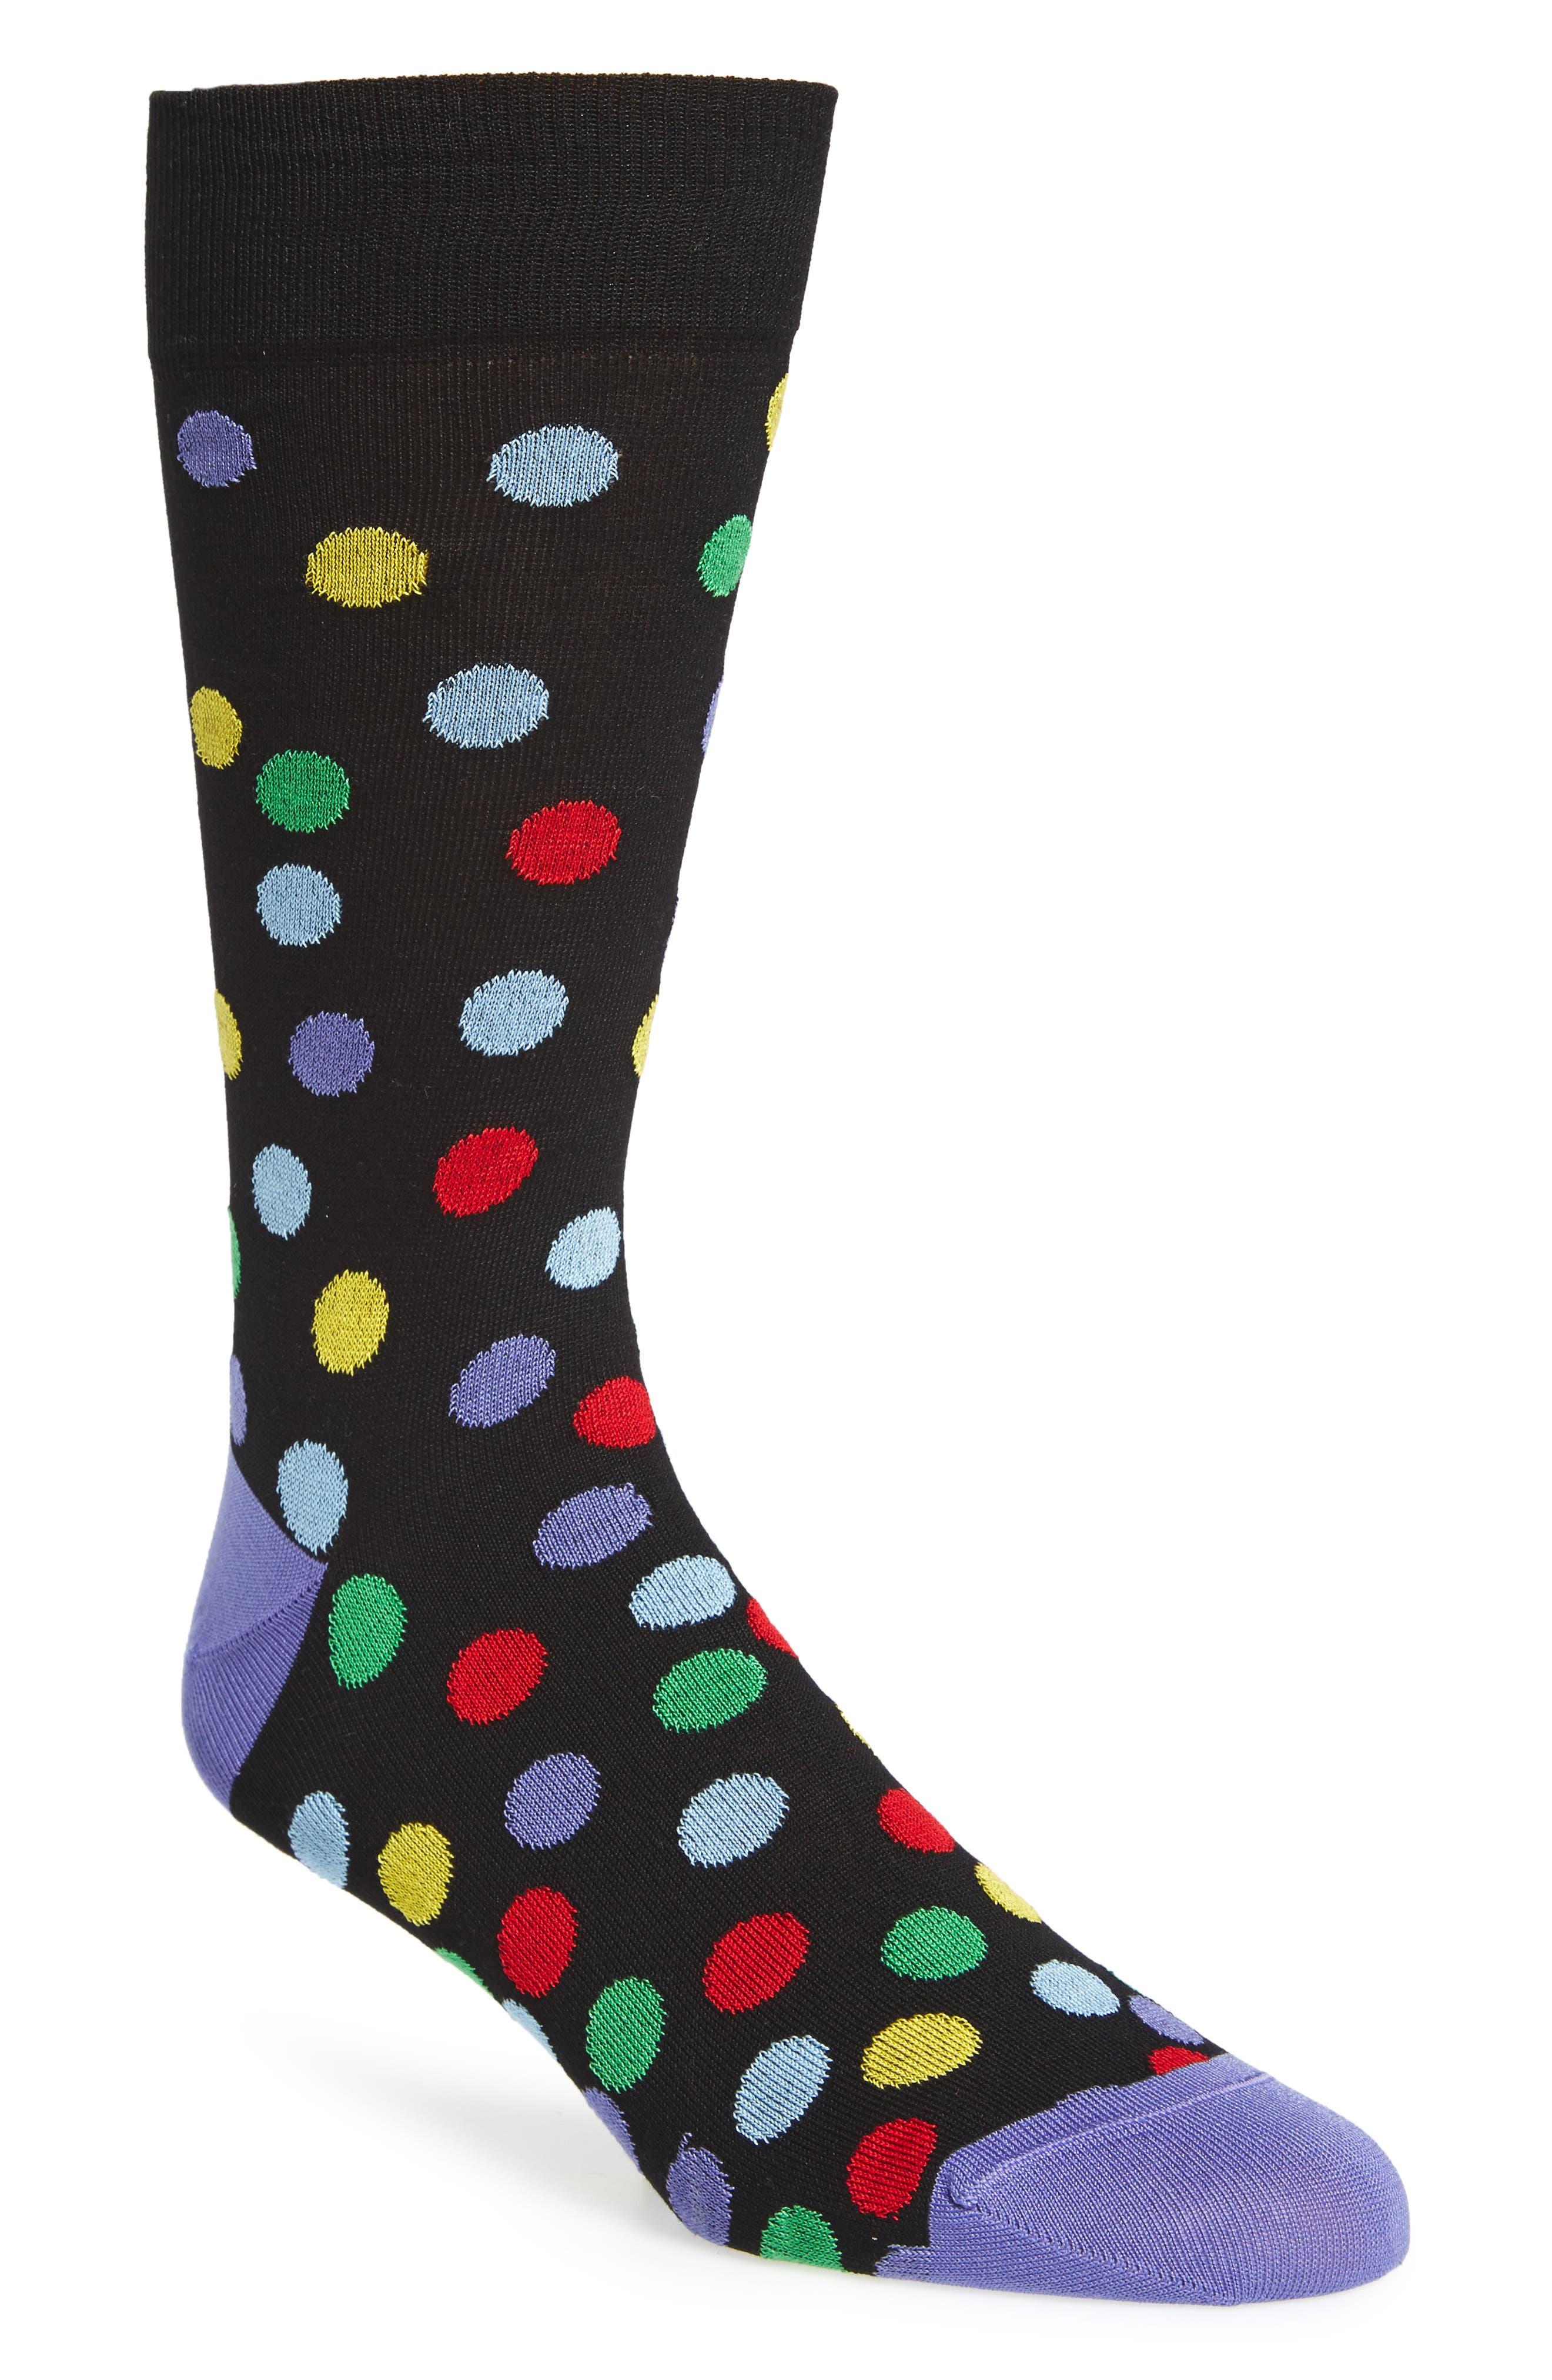 Large Polka Dot Socks,                         Main,                         color, Black